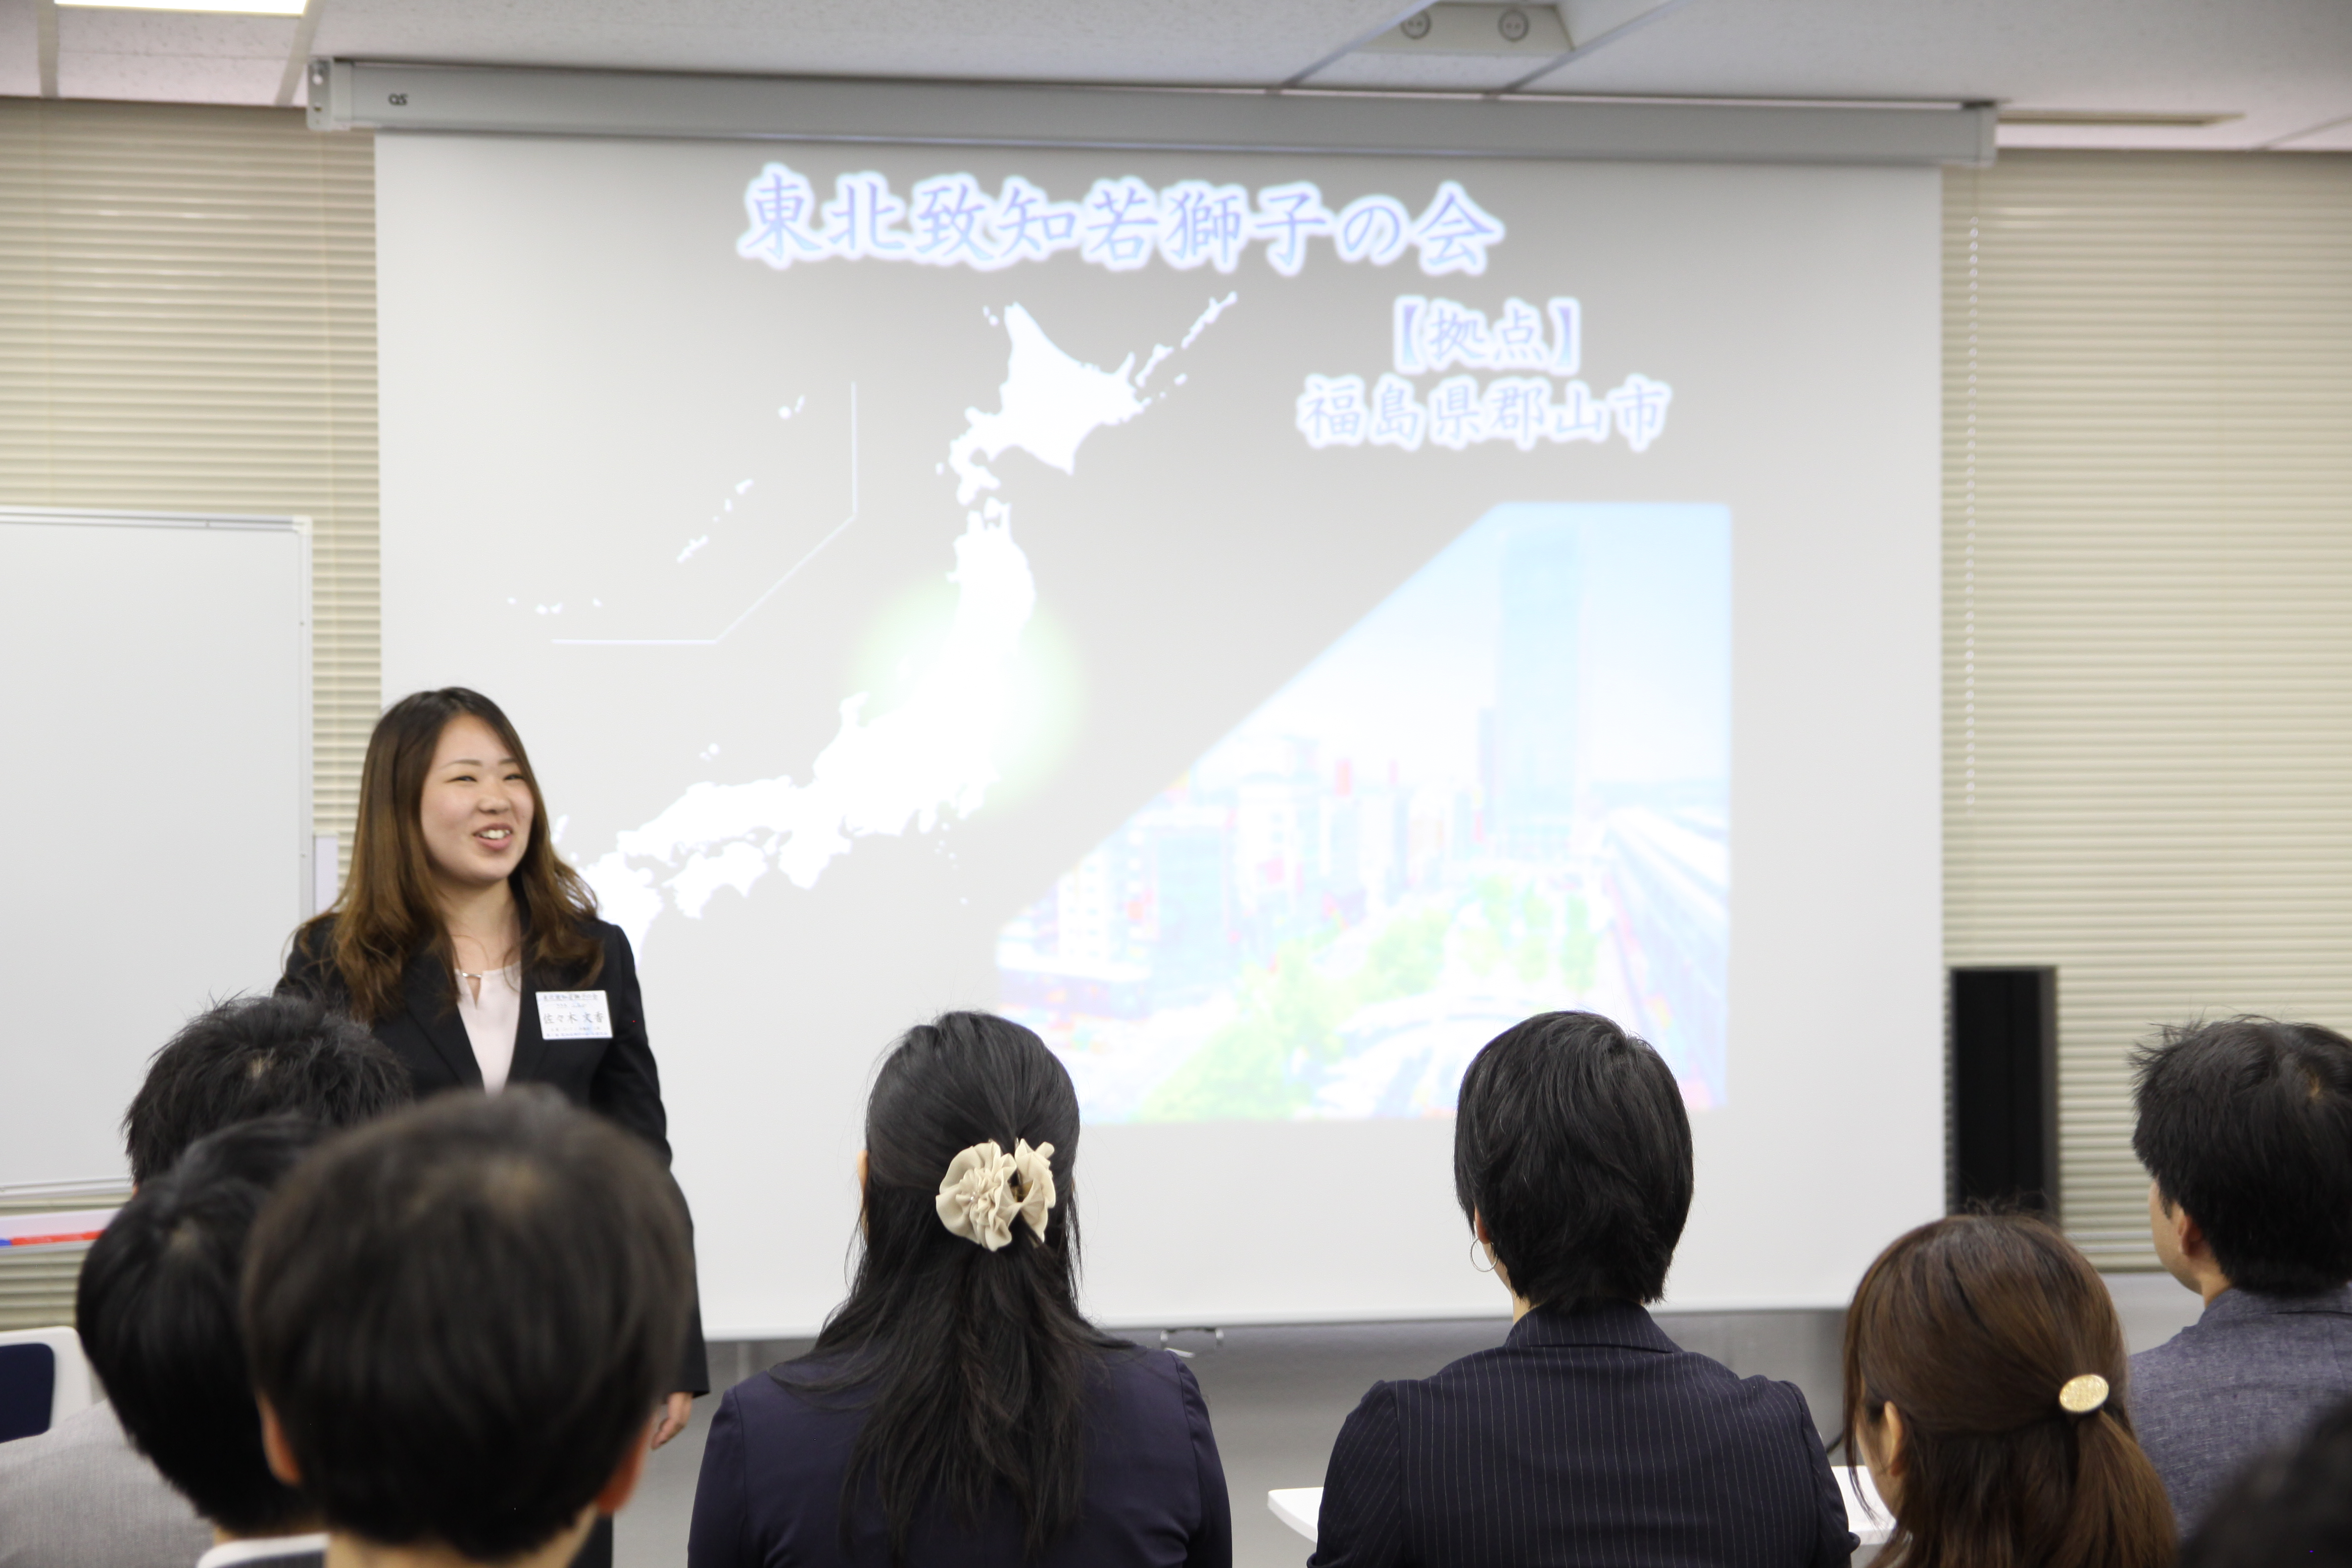 IMG 4639 - 関東若獅子の会、記念すべき第100回